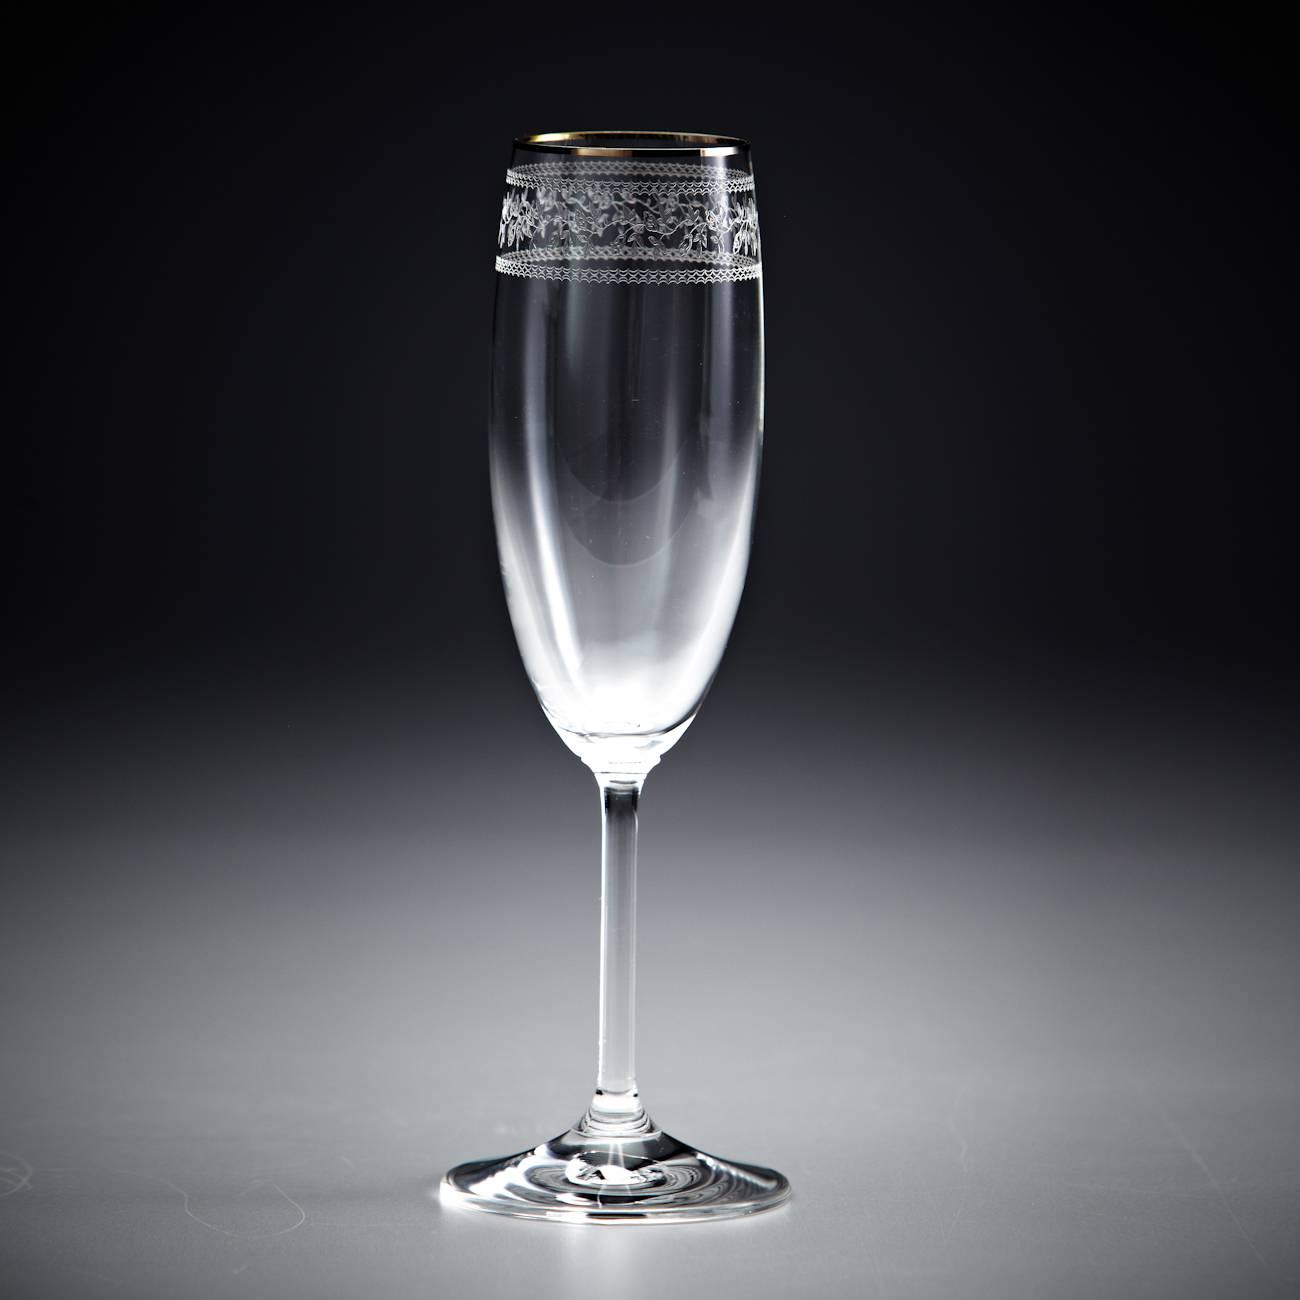 Conjunto de Taças para Champagne Gala Pantografadas Ouro - 6 Peças - em Cristal - Rona